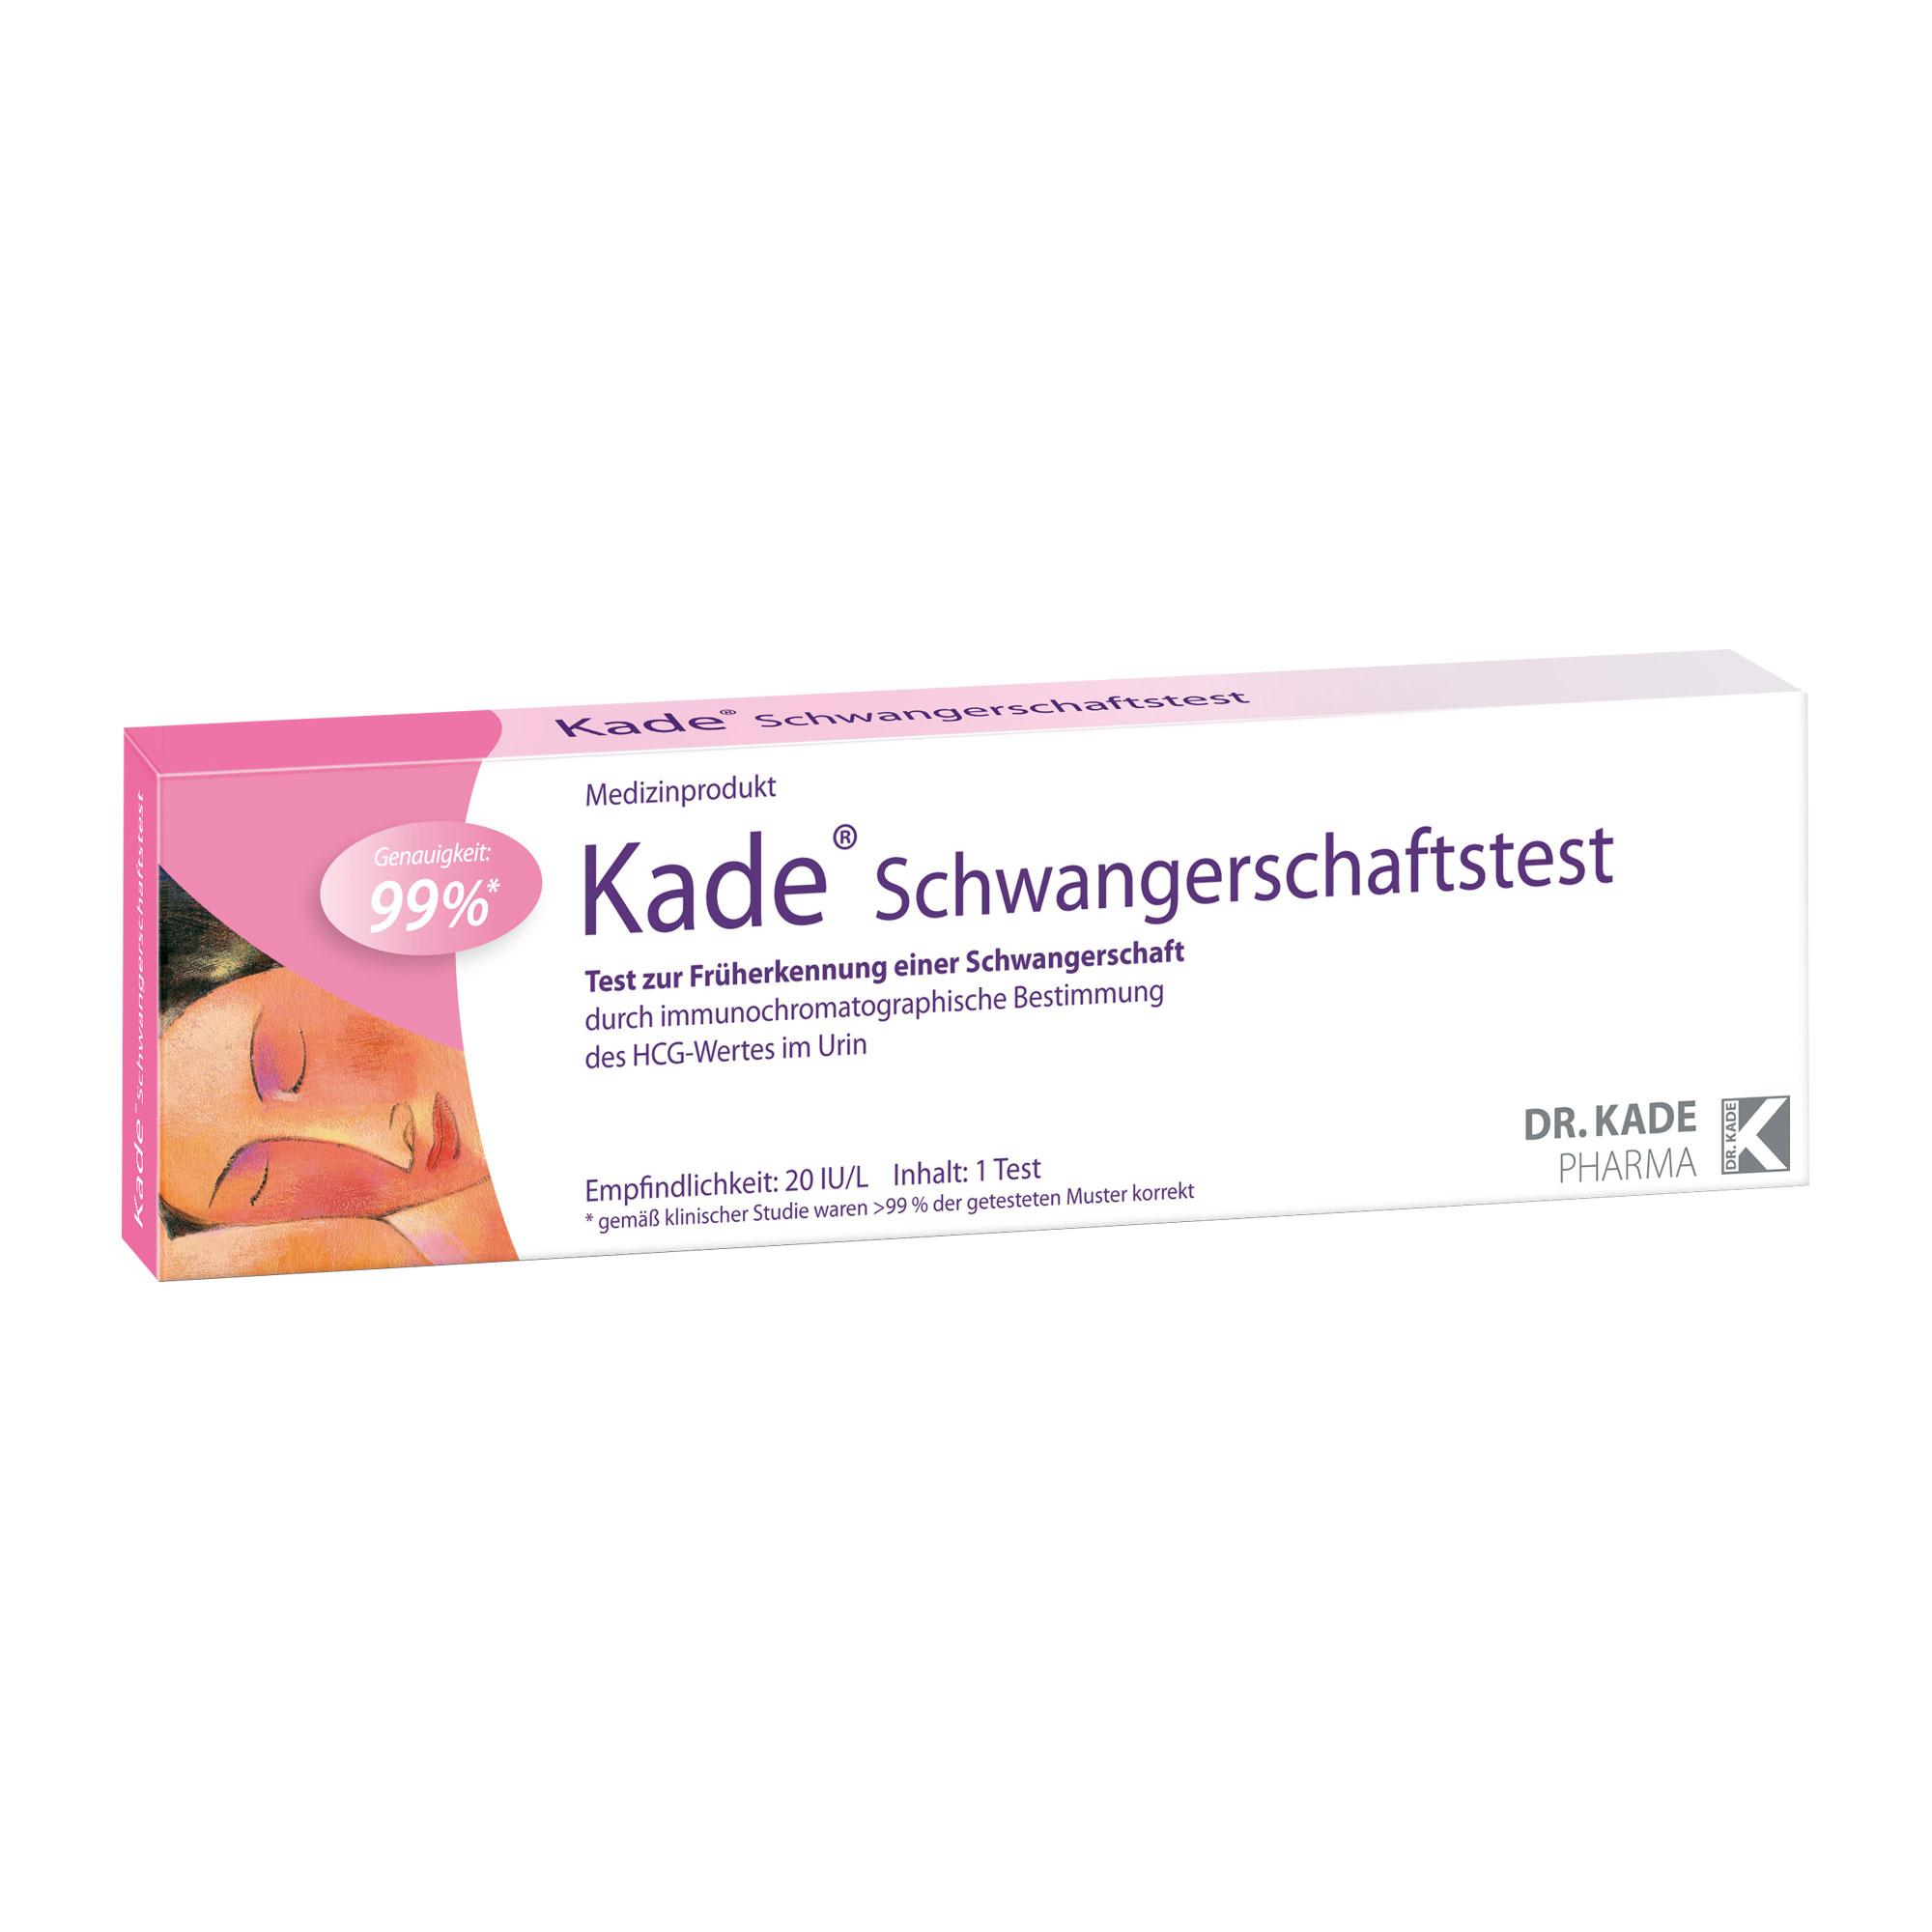 Kade Schwangerschaftstest